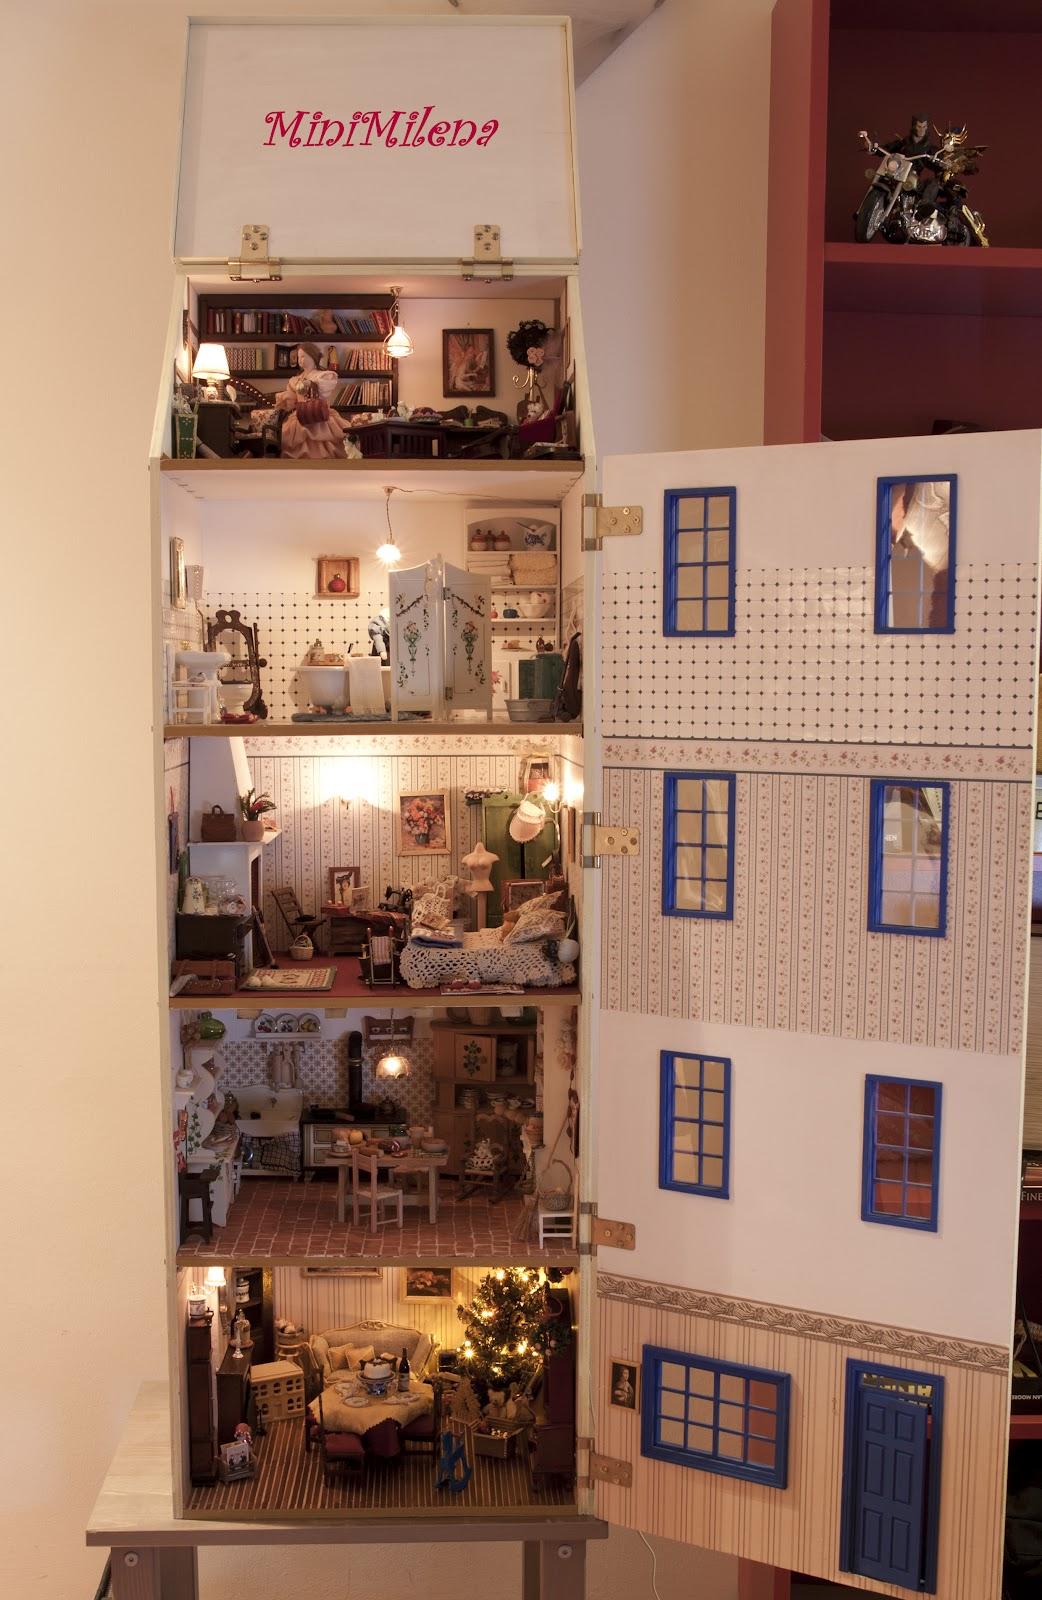 Minimilena a mia immagine e somiglianza for Piano casa delle bambole vittoriana